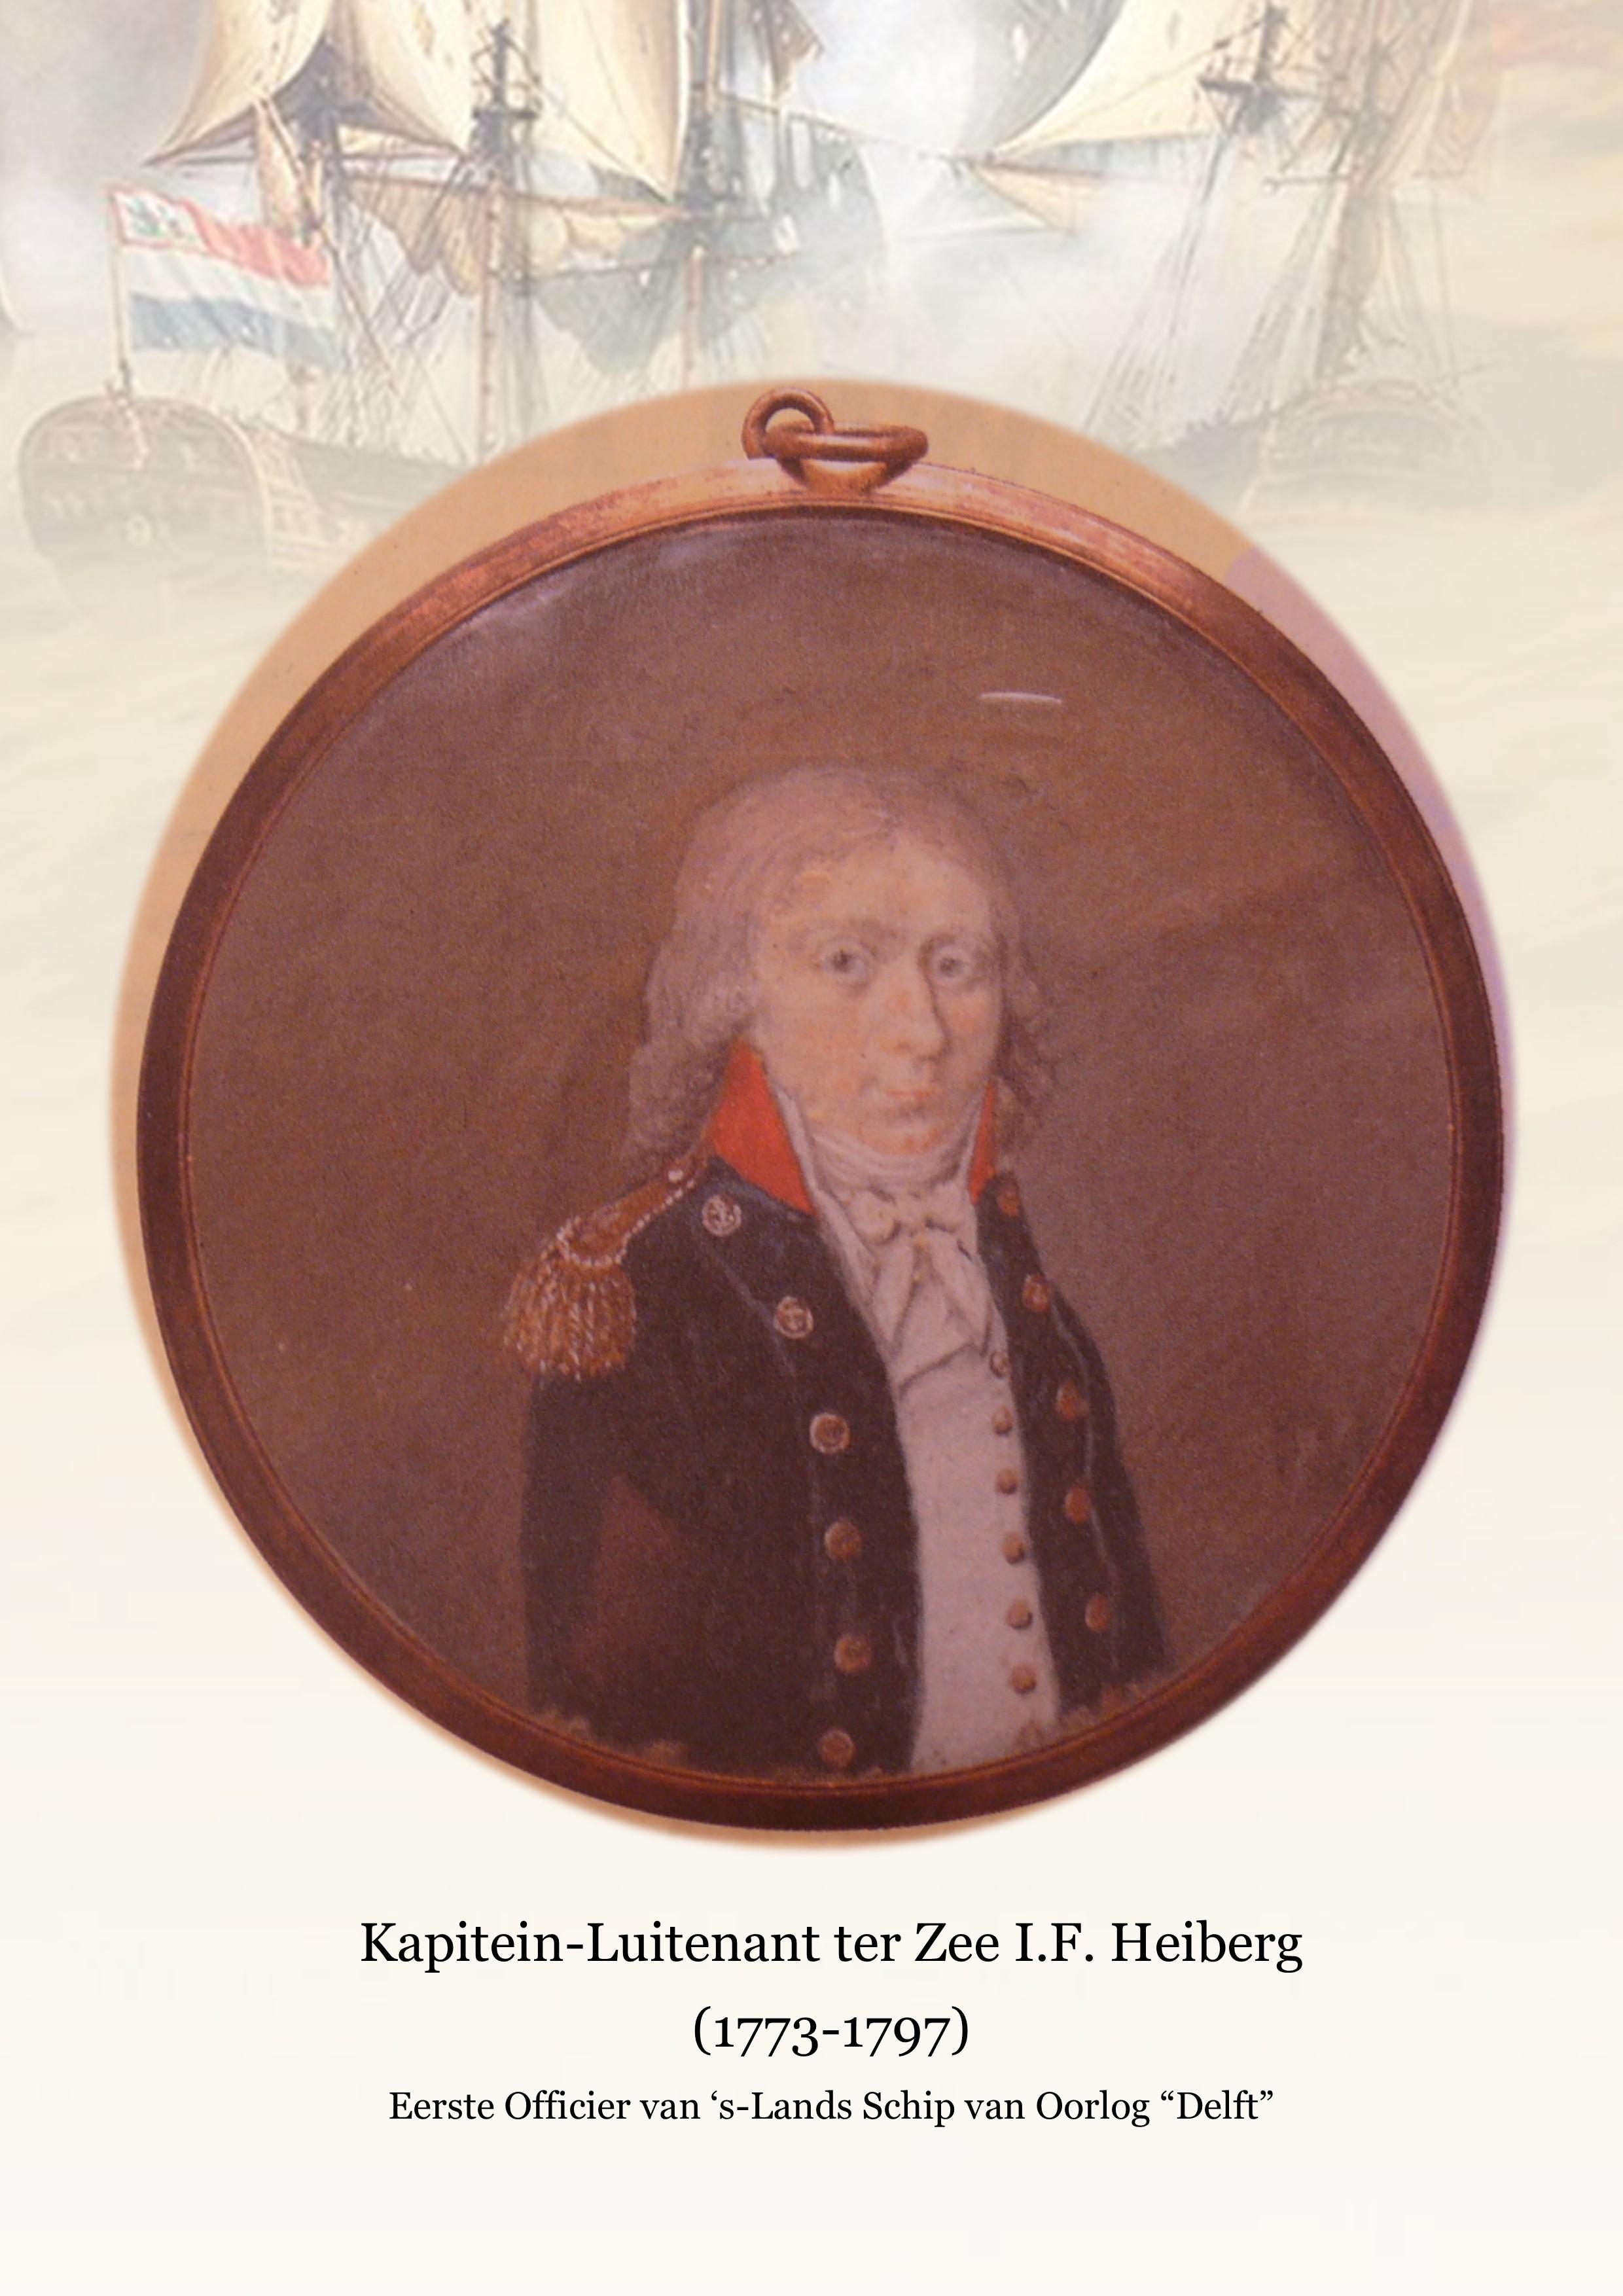 Medaillon KLtZ IF Heiberg Eerste Officier s Lands Schip van Oorlog Delft - Zeeslag bij Kamperduin 1797 Marine Bataafse Republiek - Equipage De Delft Hellevoetsluis